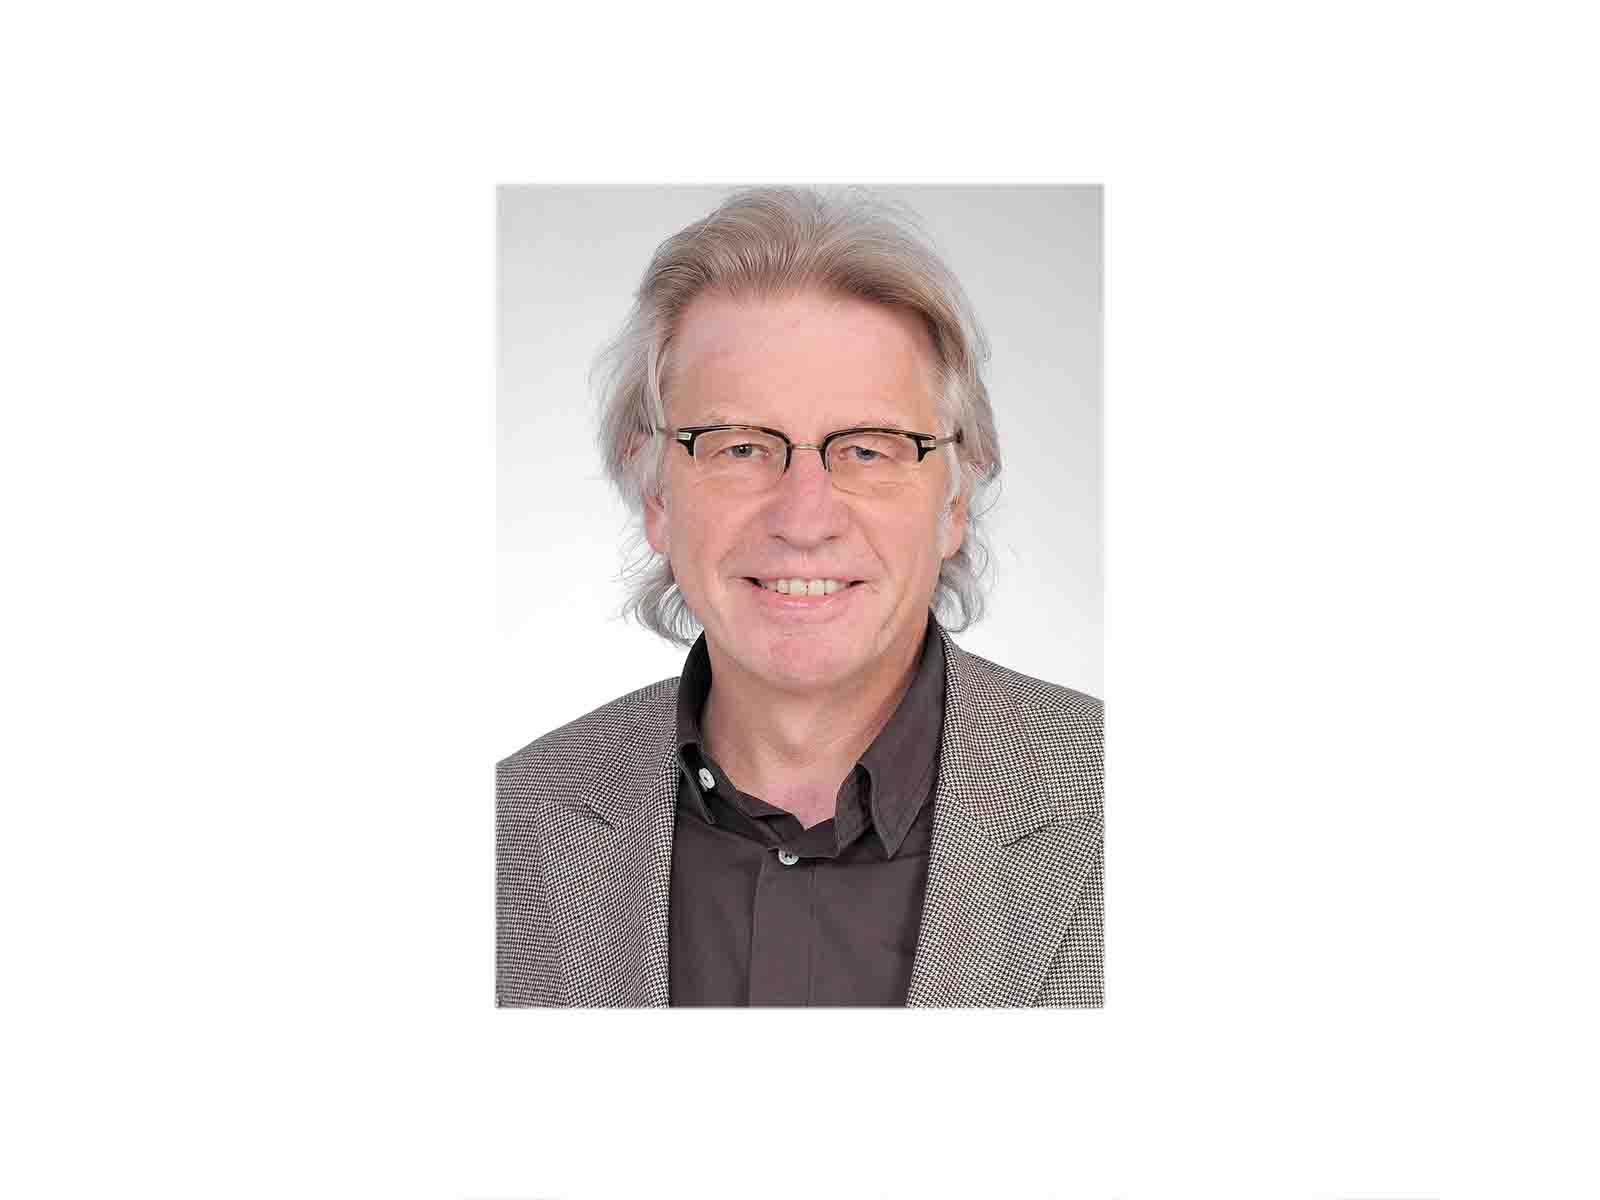 Markus Bischoff, Kantonsrat AL